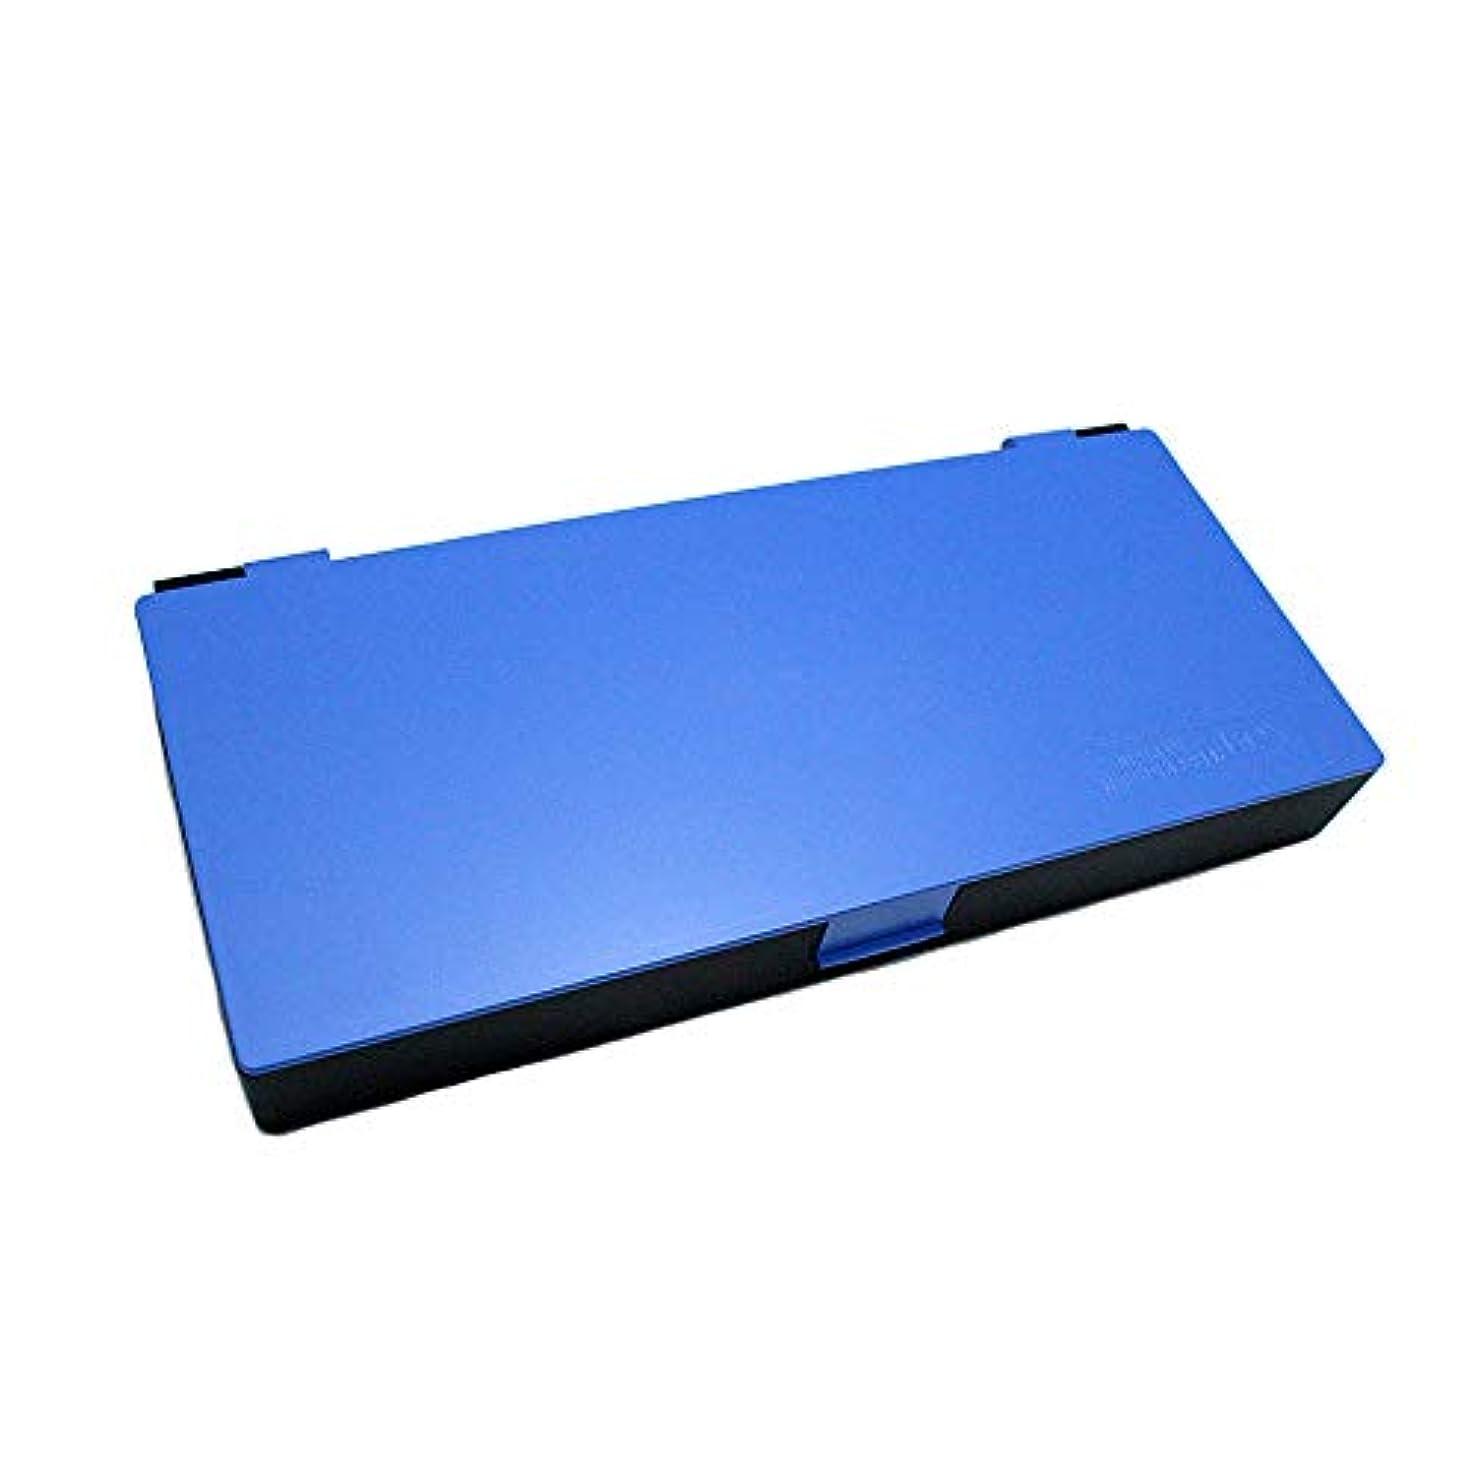 留め金足ワーカーアップスタイリングシステムボックス (ブルー) ノンスリップ ヘアピン ケース コスメボックス メイクボックス メークボックス メイクケース メークケース